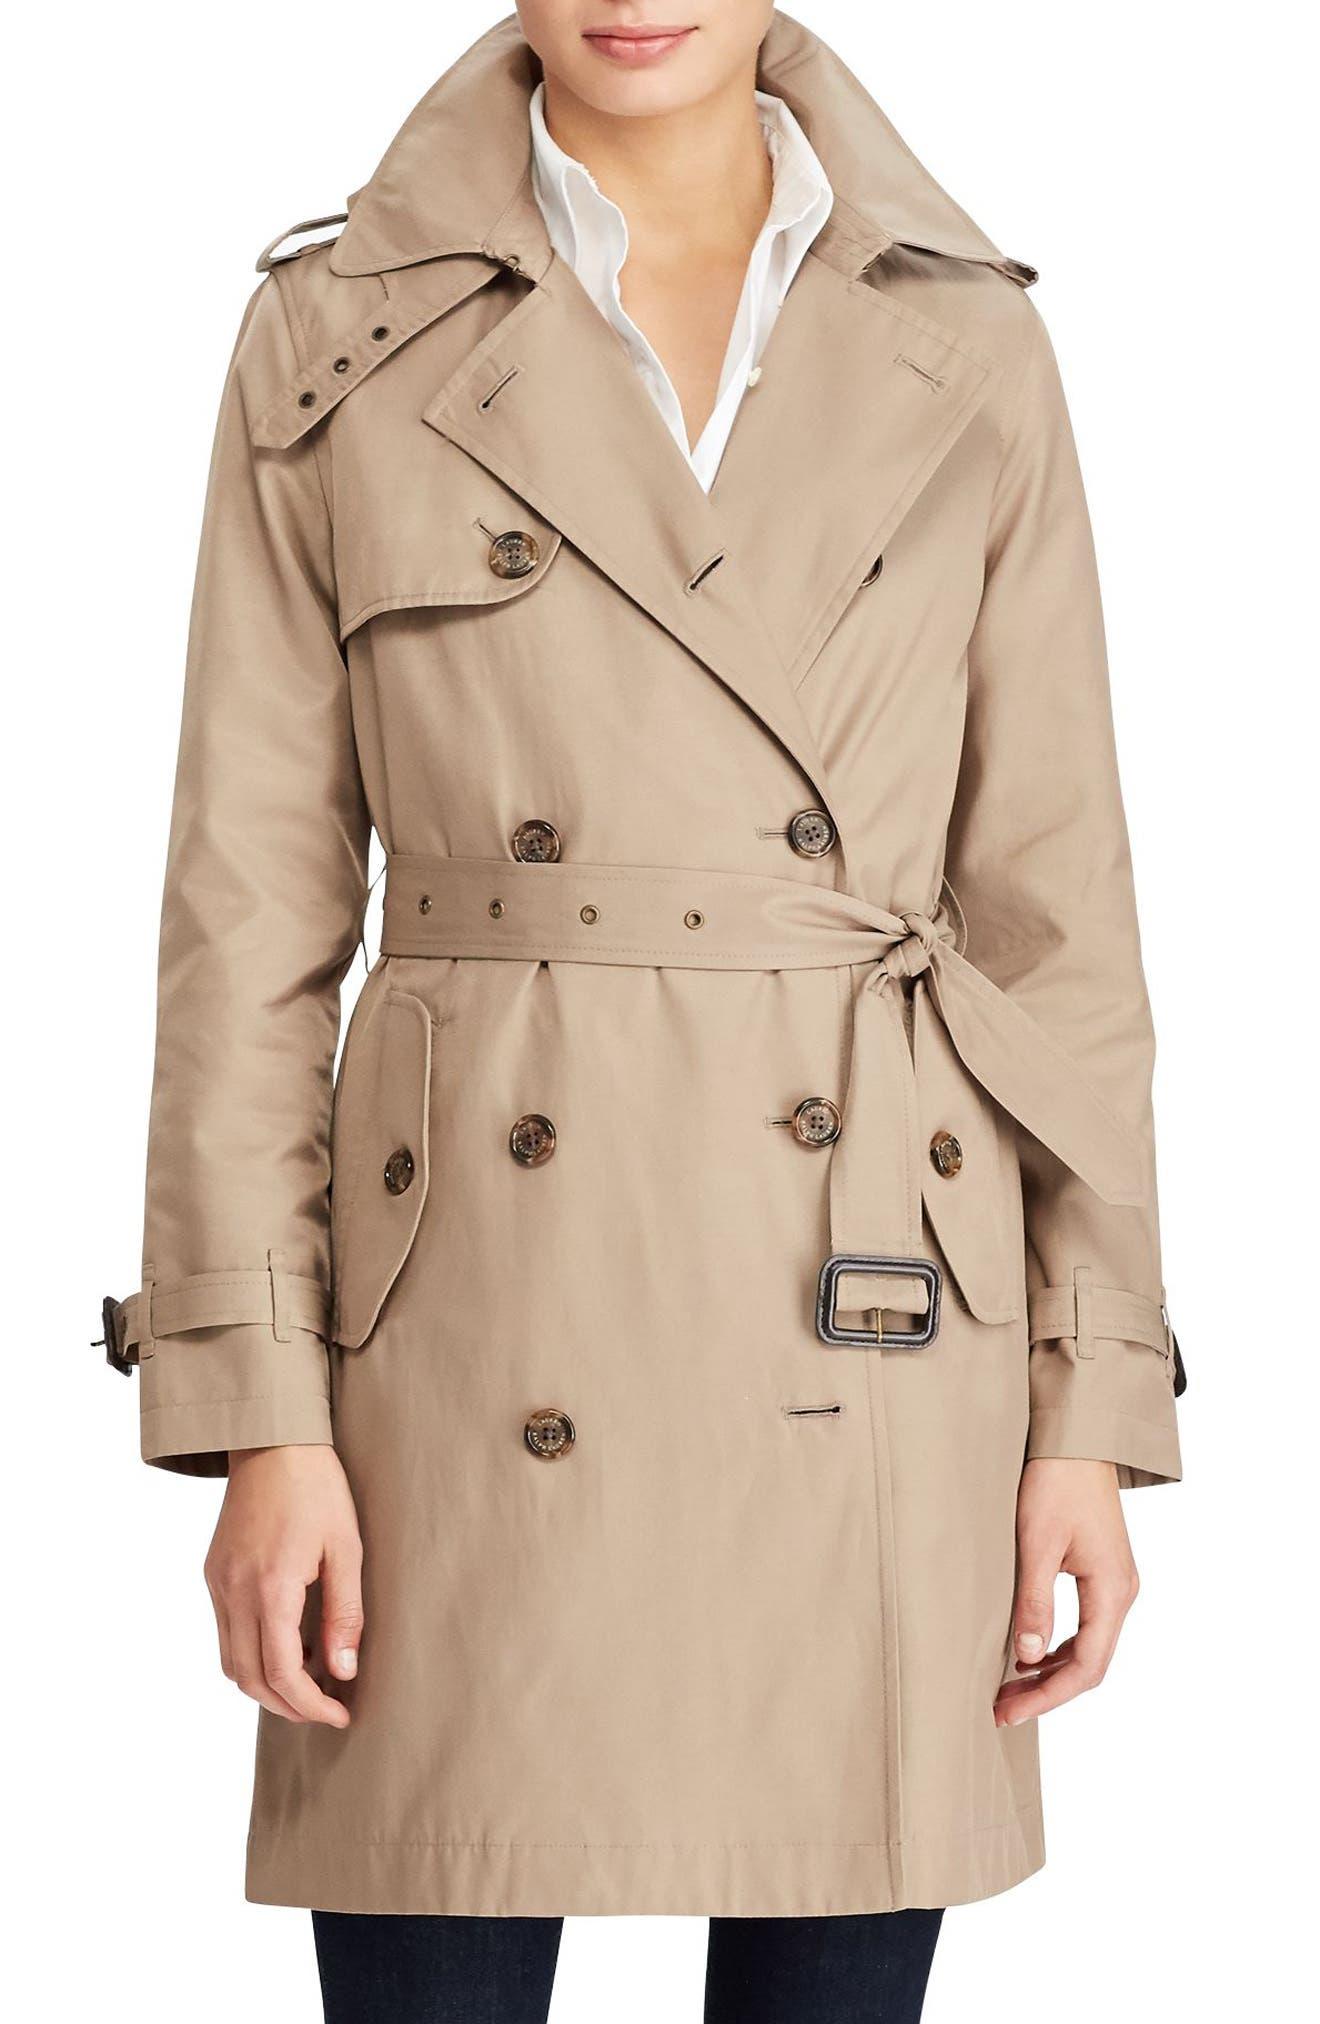 Alternate Image 1 Selected - Lauren Ralph Lauren Cotton Blend A-Line Trench Coat